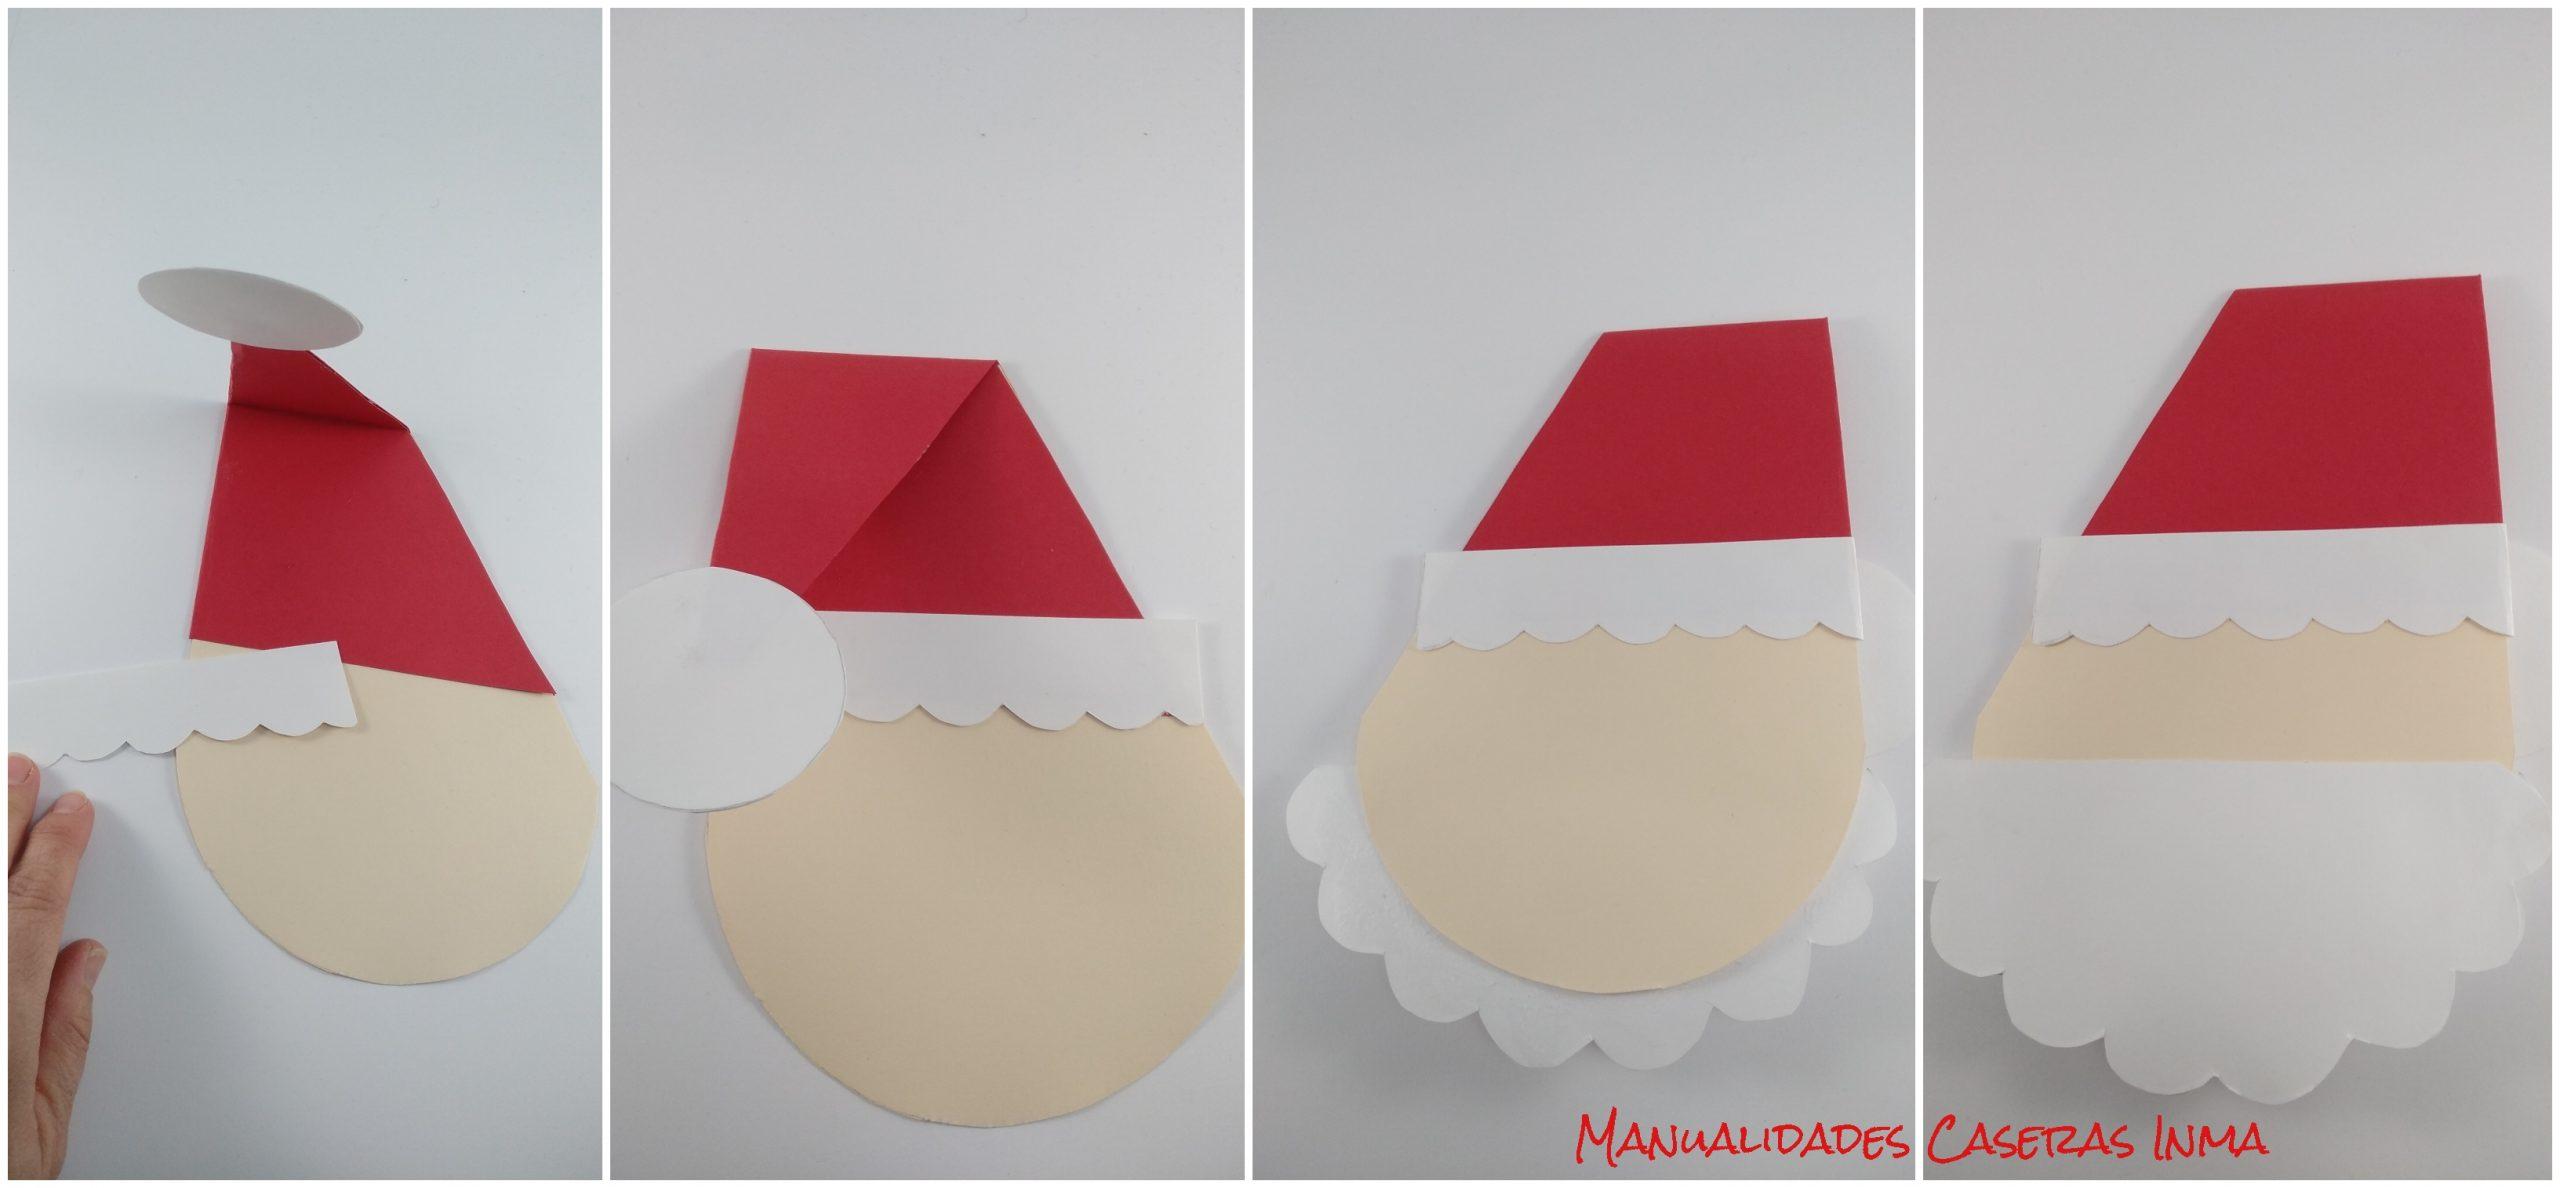 Manualidades Caseras Inma_ Tutorial de como pegar  la tarjeta Papa Noel